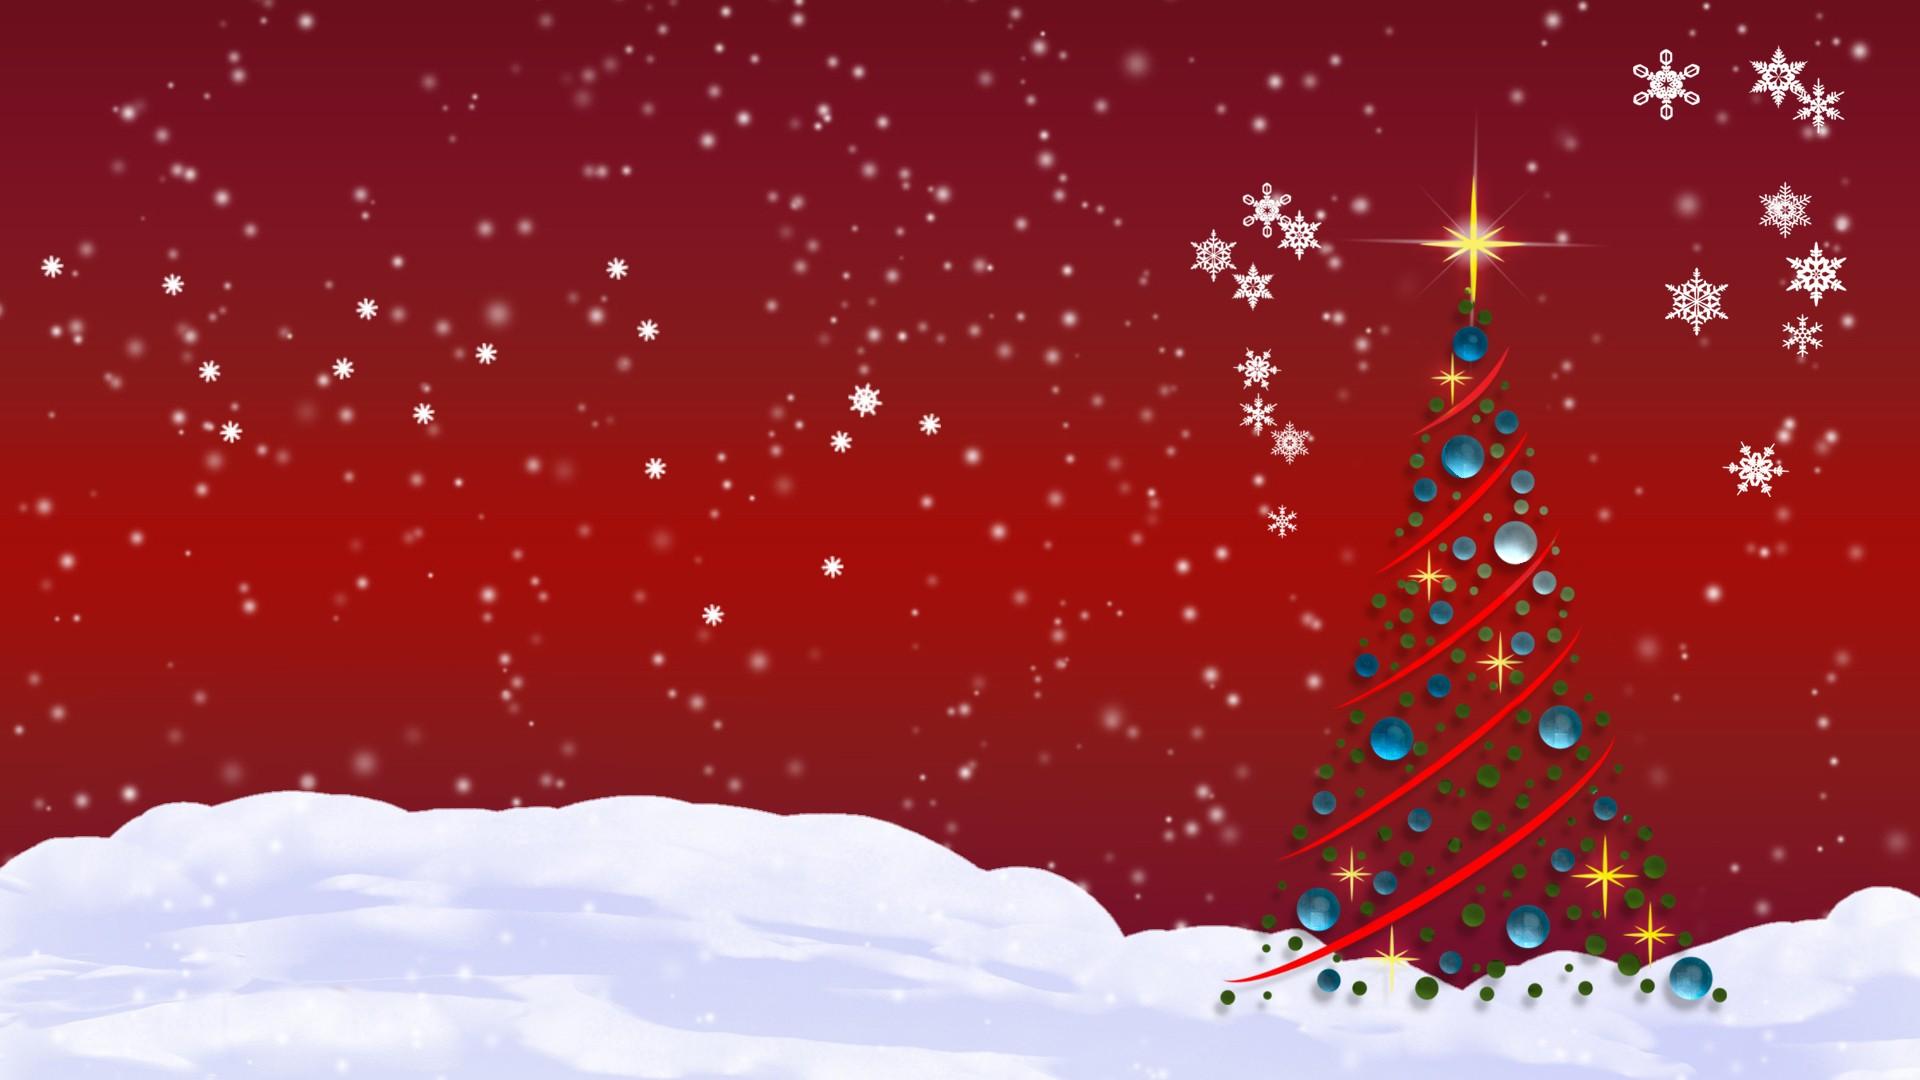 Christmas Screensavers Christmas Screensavers Hd Christmas 1920x1080